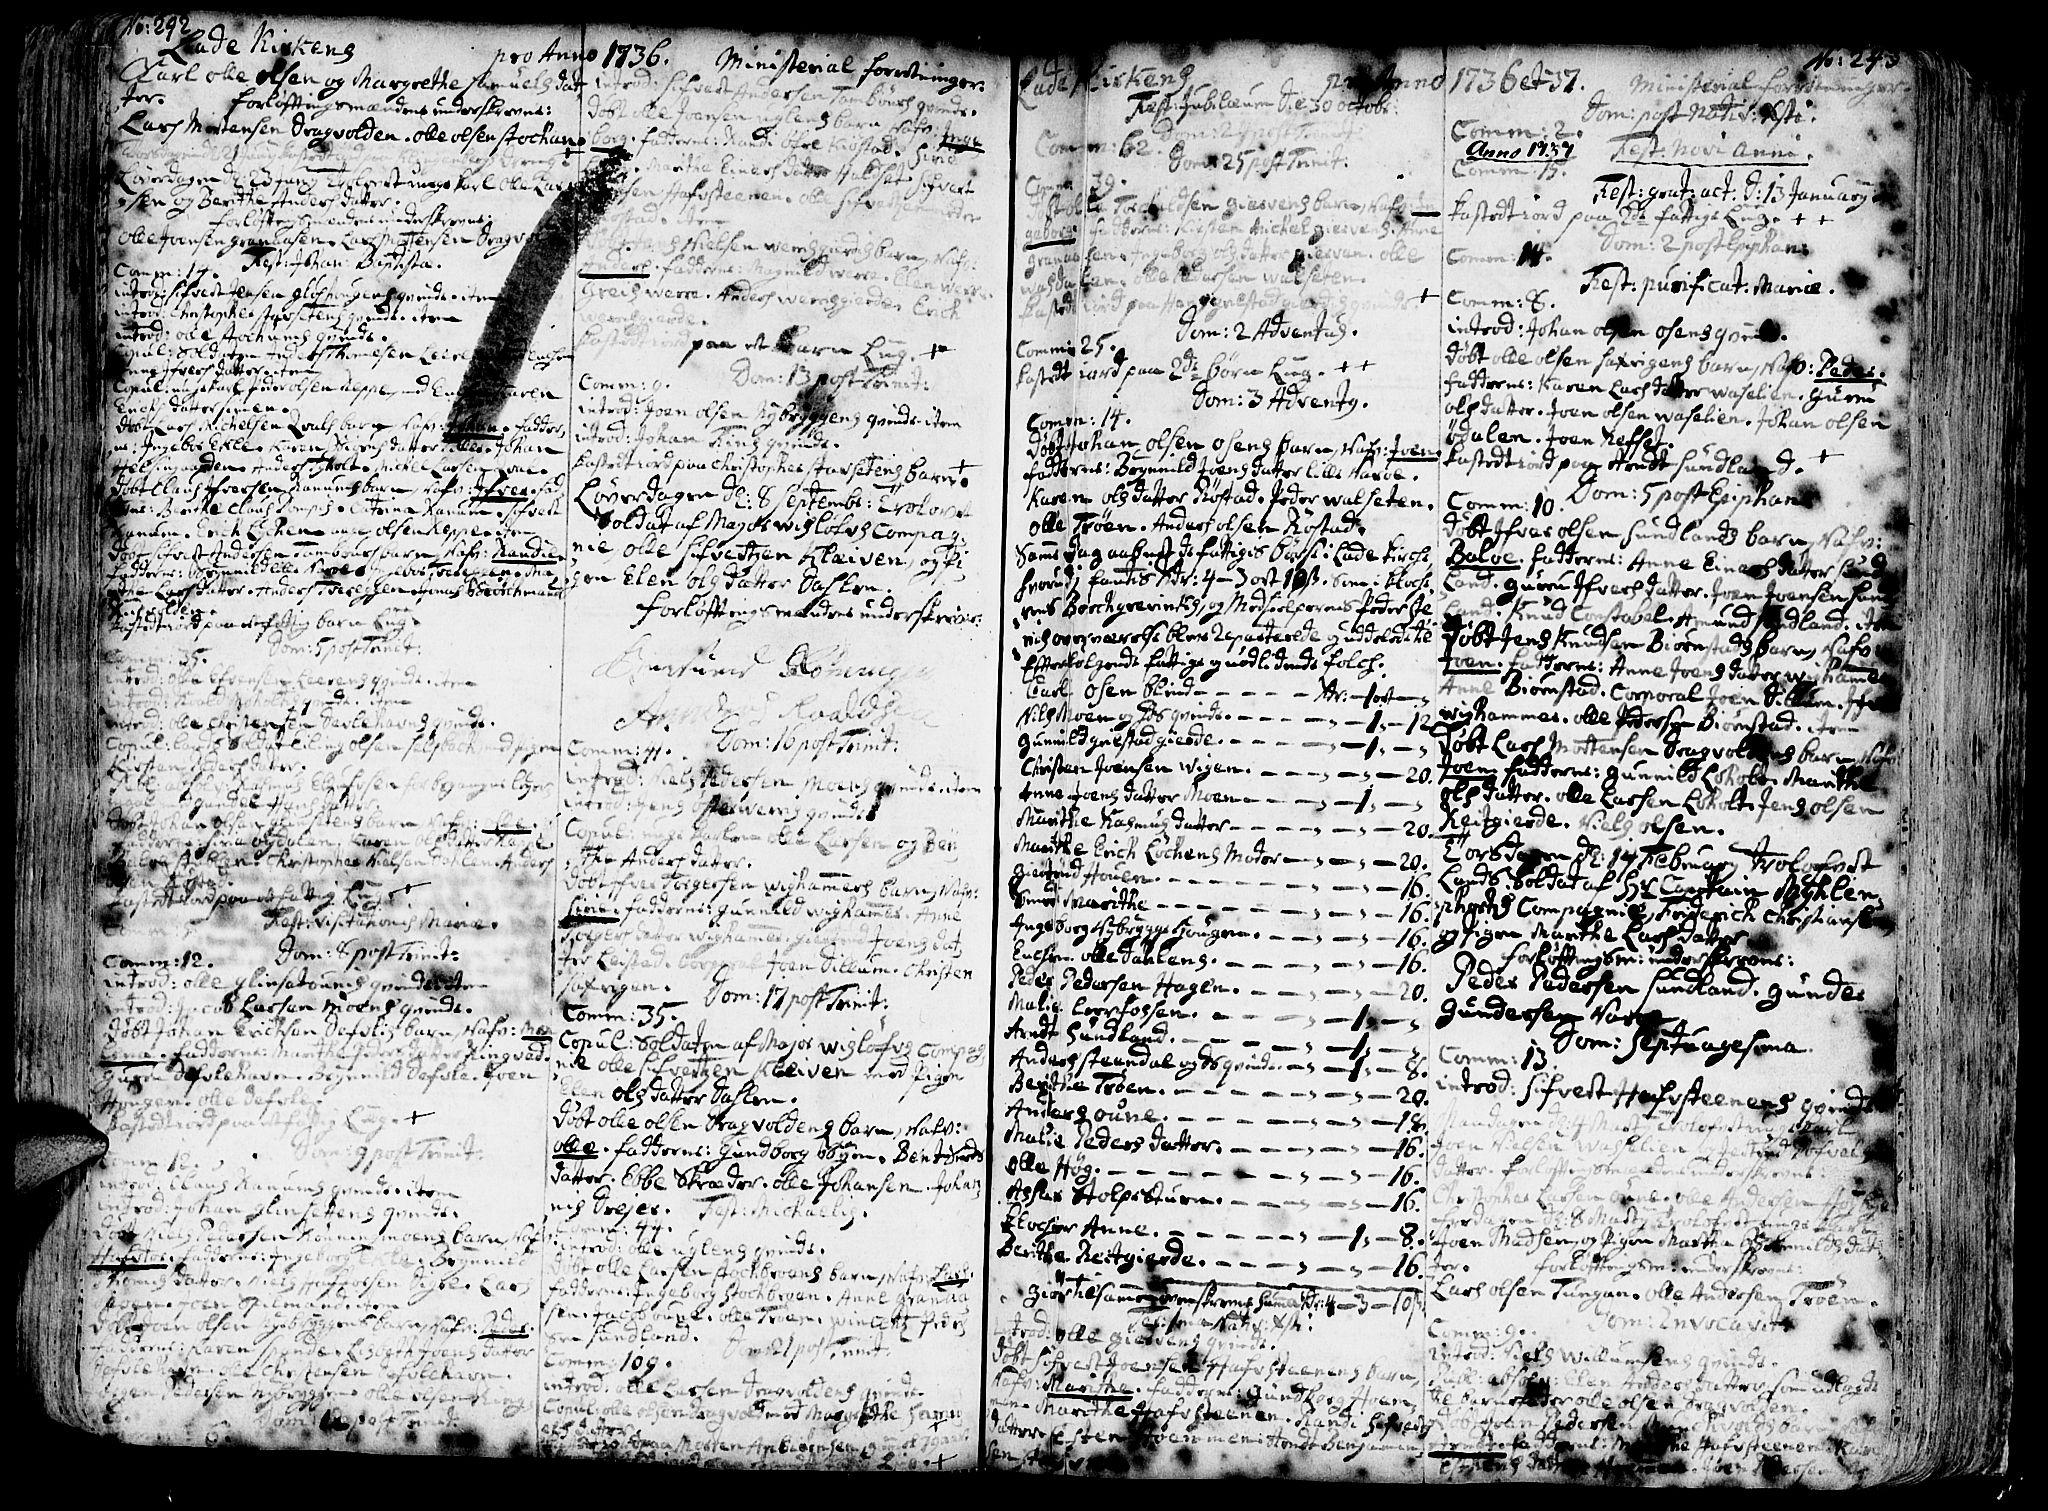 SAT, Ministerialprotokoller, klokkerbøker og fødselsregistre - Sør-Trøndelag, 606/L0275: Ministerialbok nr. 606A01 /1, 1727-1780, s. 242-243